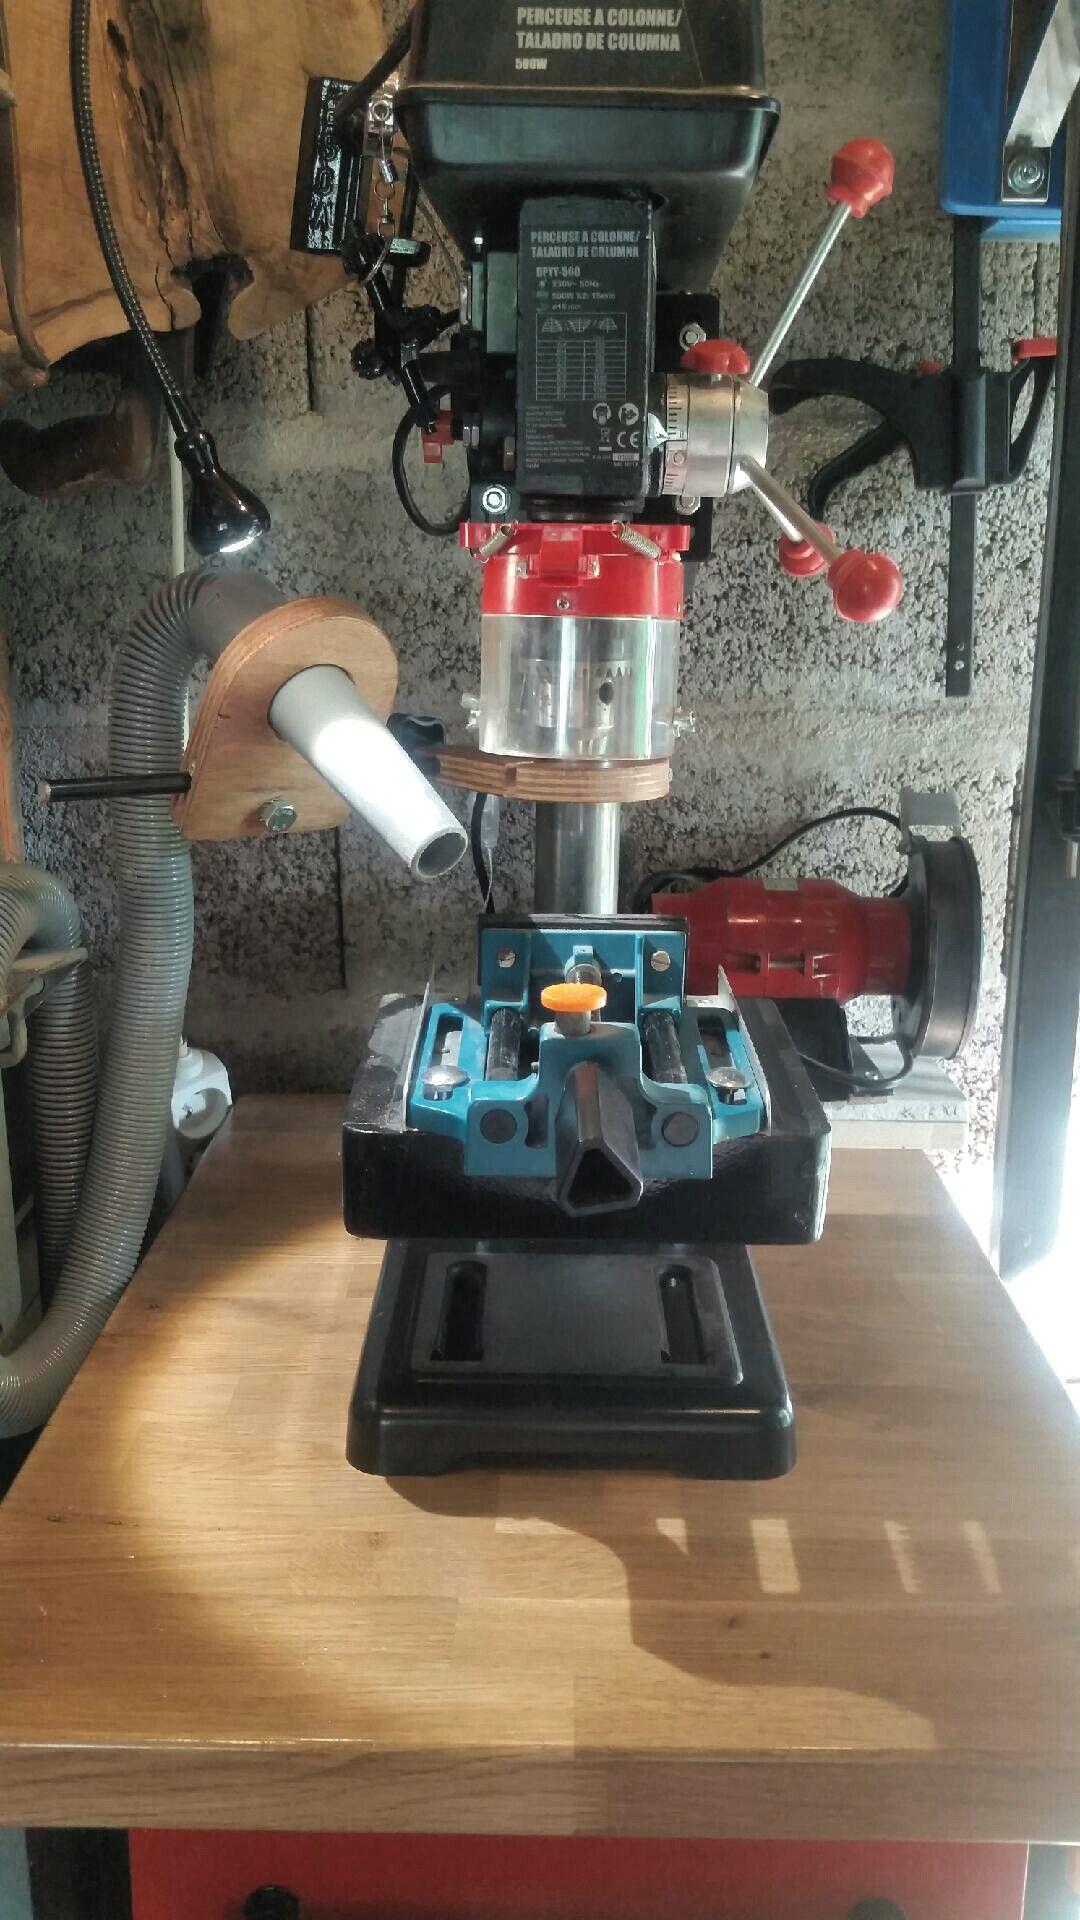 Diy Drill Press Dust Collector By R2ekogp Systeme D Aspiration De Copeaux Pour Perceuse A Colonne Etape 5 2 Assemblage Fina Perceuse A Colonne Diy Perceuse